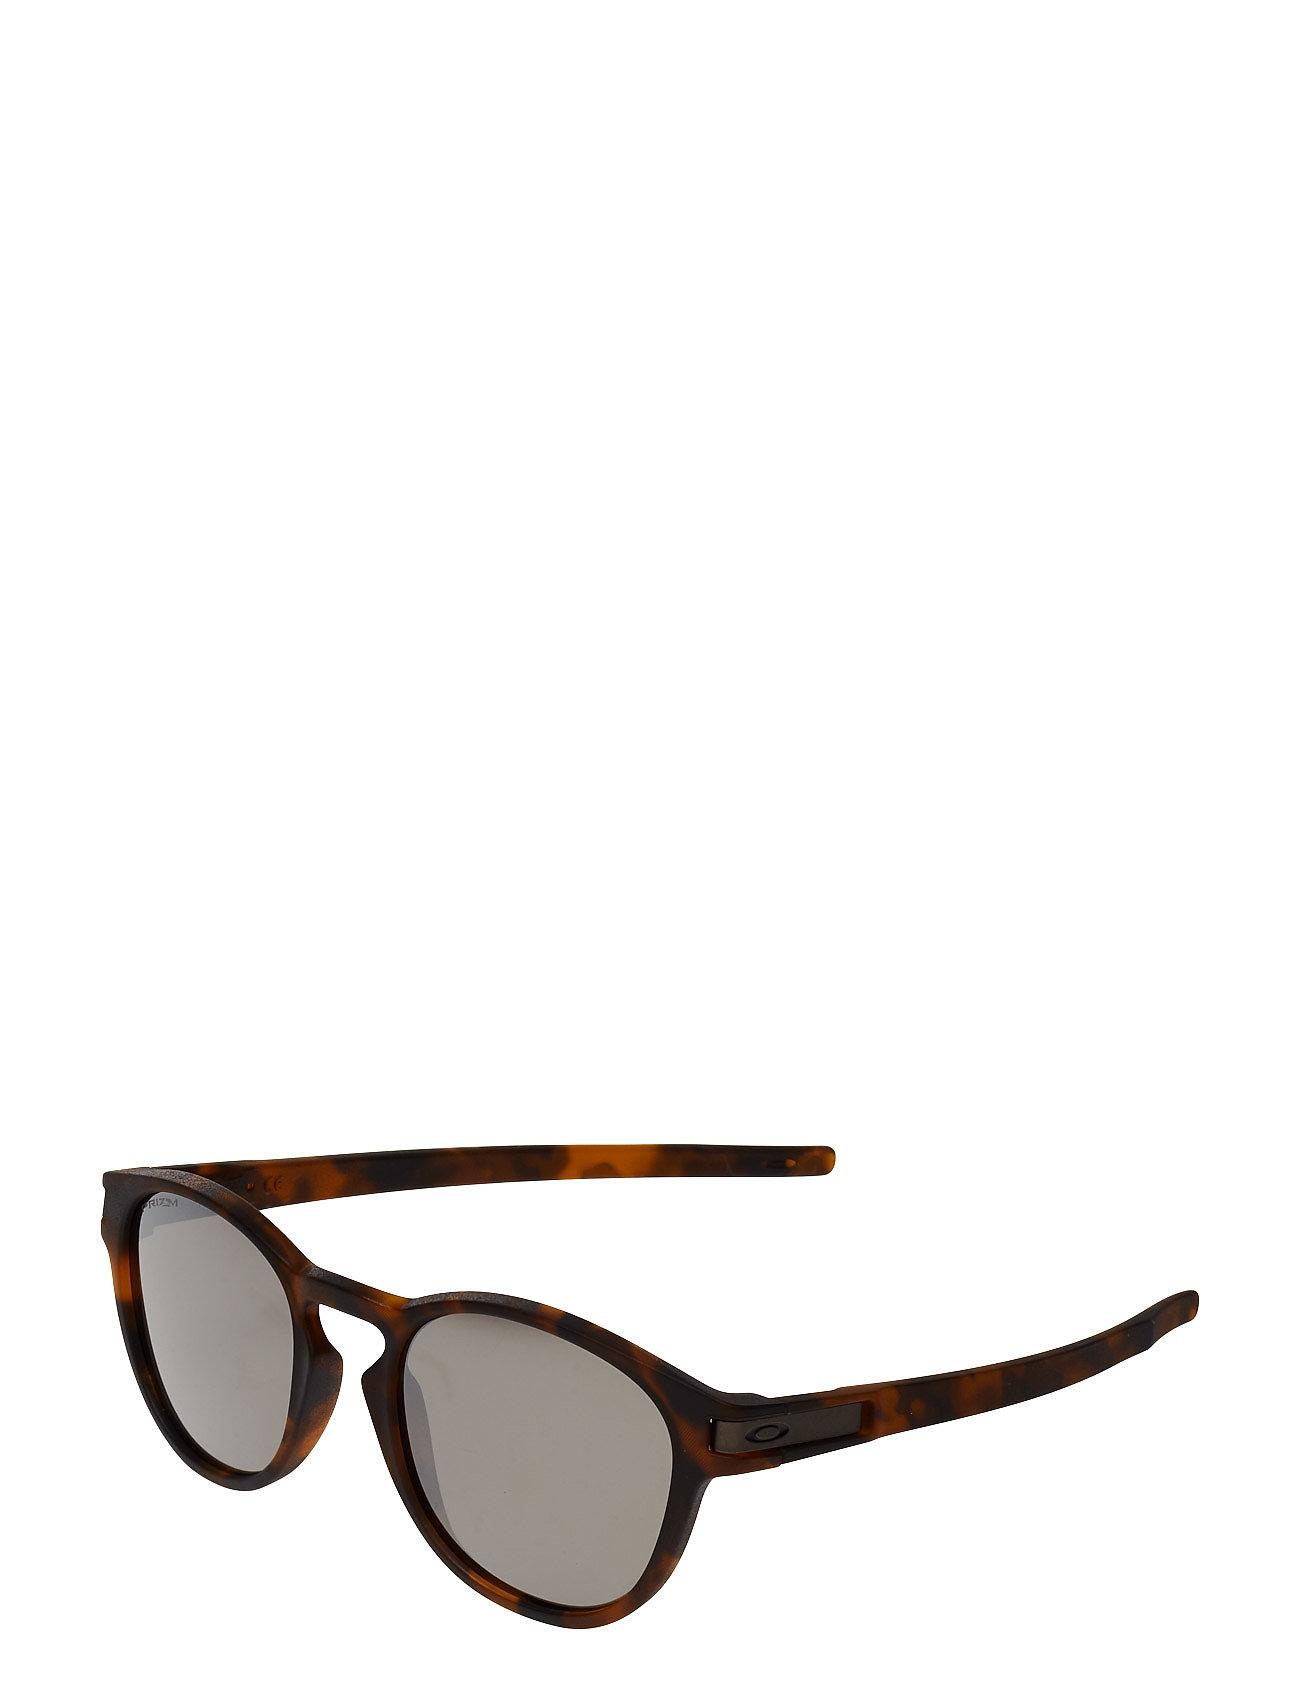 d73f14110494 OAKLEY solbriller – Latch til herre i MATTE BLACK - Pashion.dk